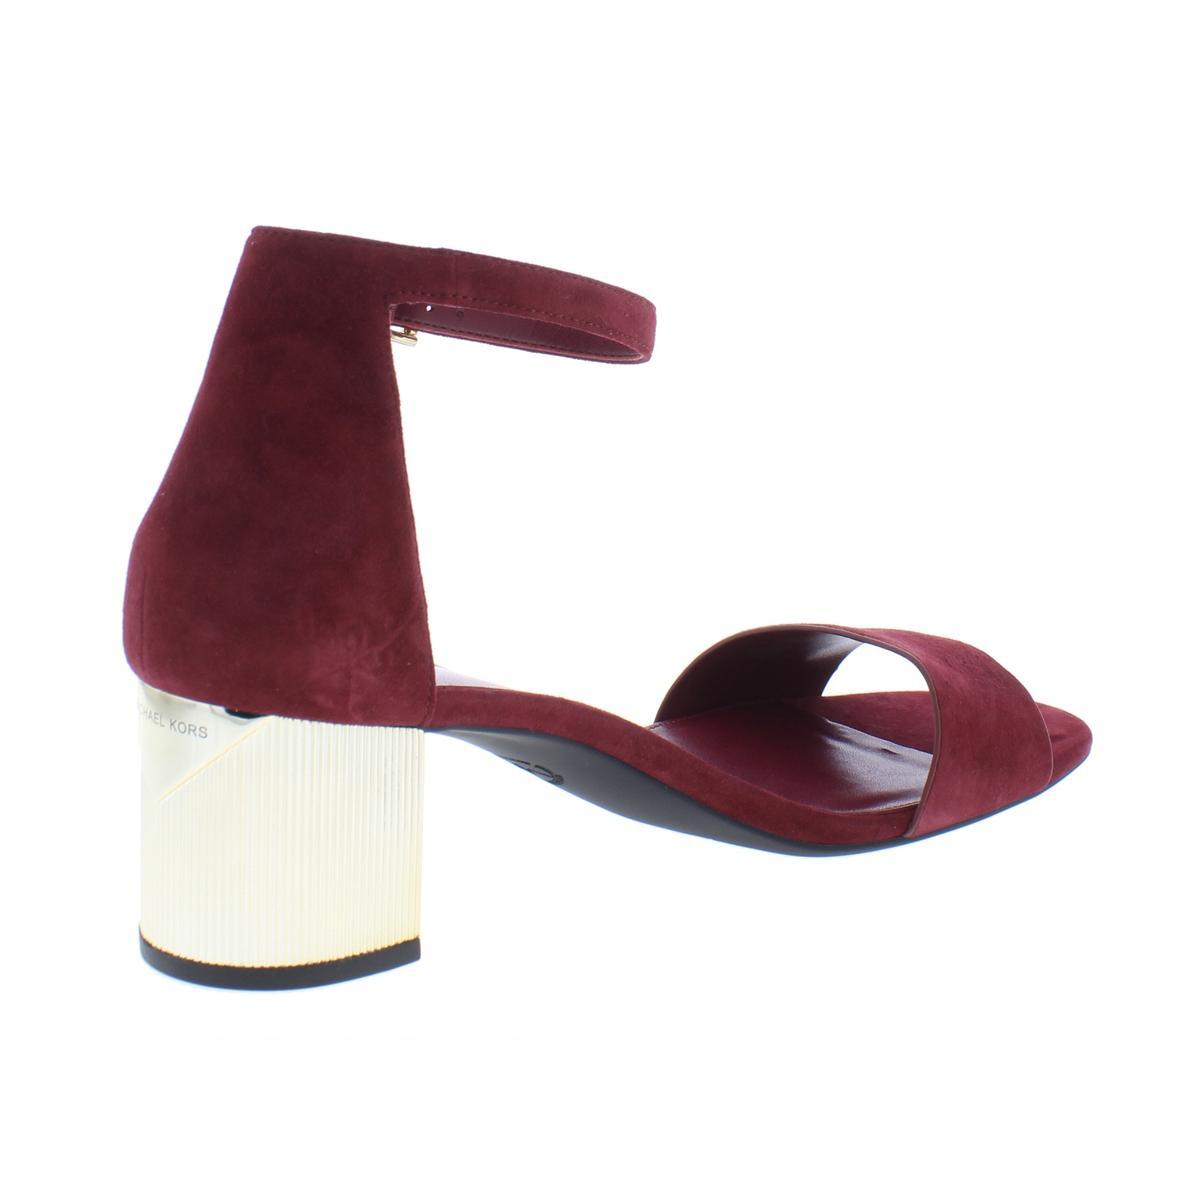 MICHAEL-Michael-Kors-Womens-Paloma-Flex-Suede-Dress-Sandals-Shoes-BHFO-5020 thumbnail 4